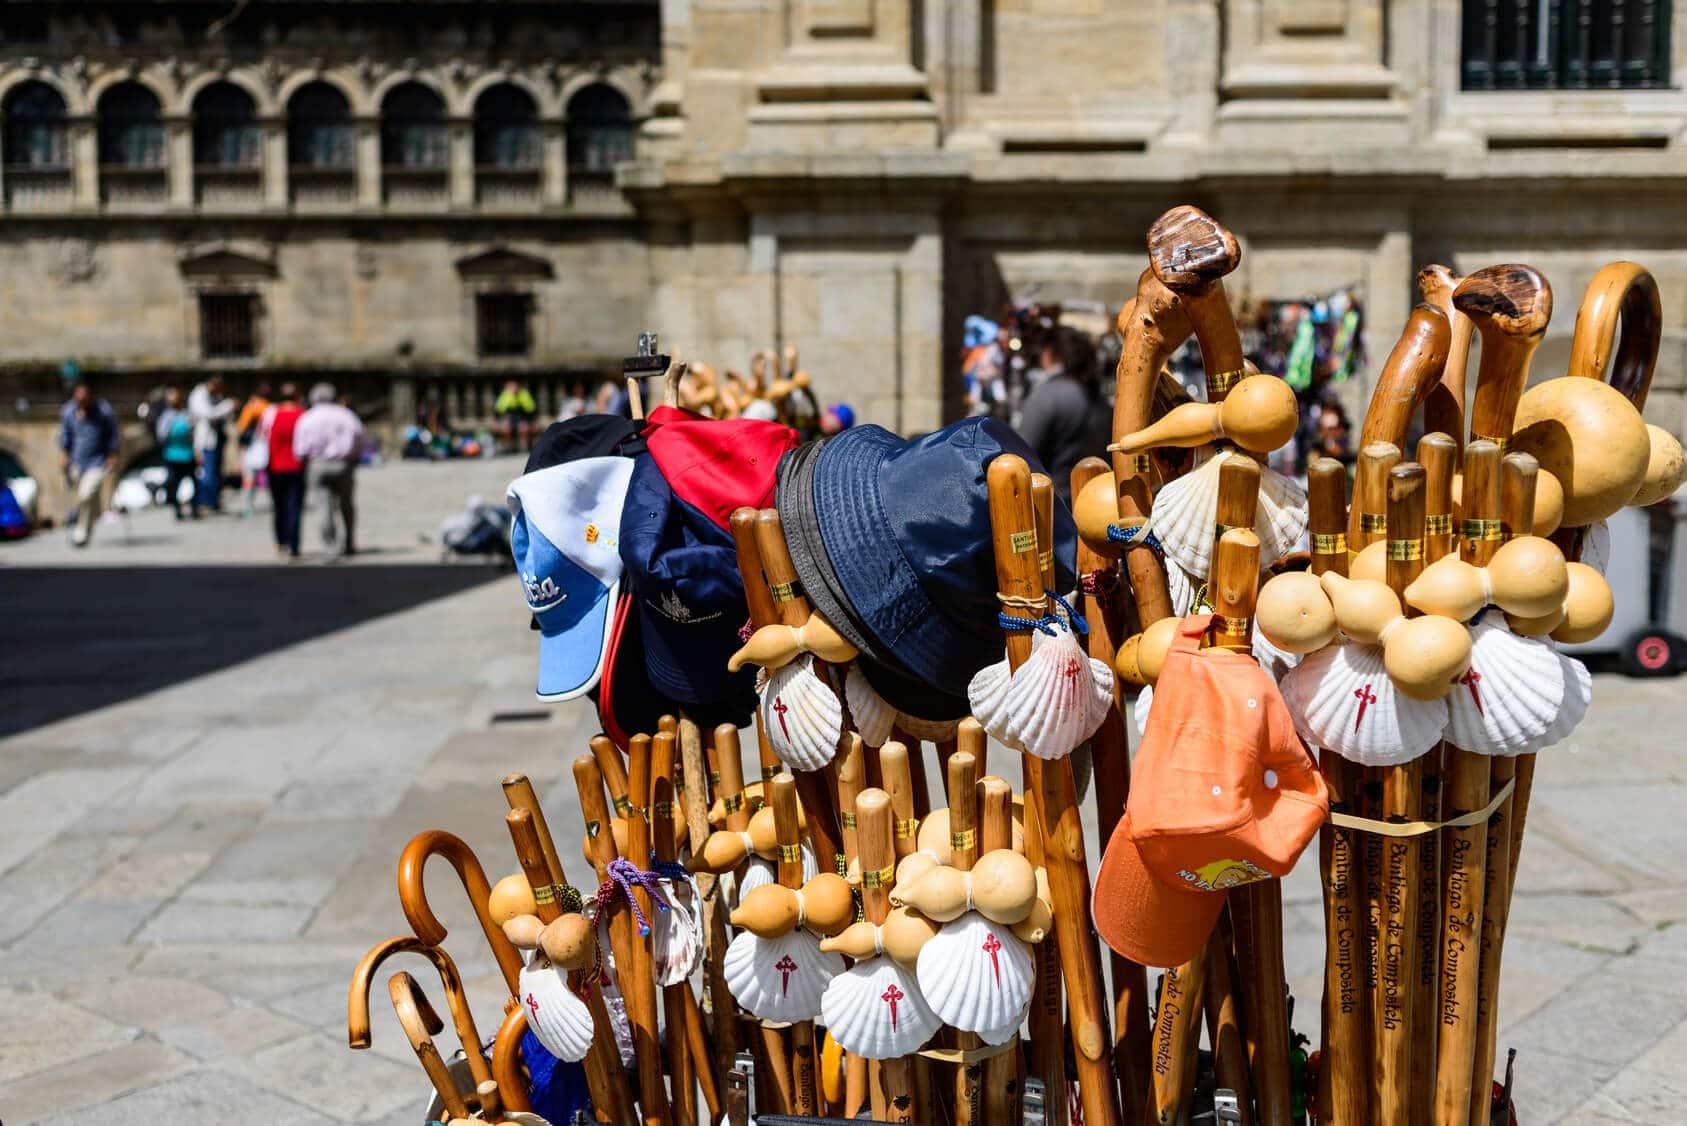 Acessórios de Santiago de Compostela